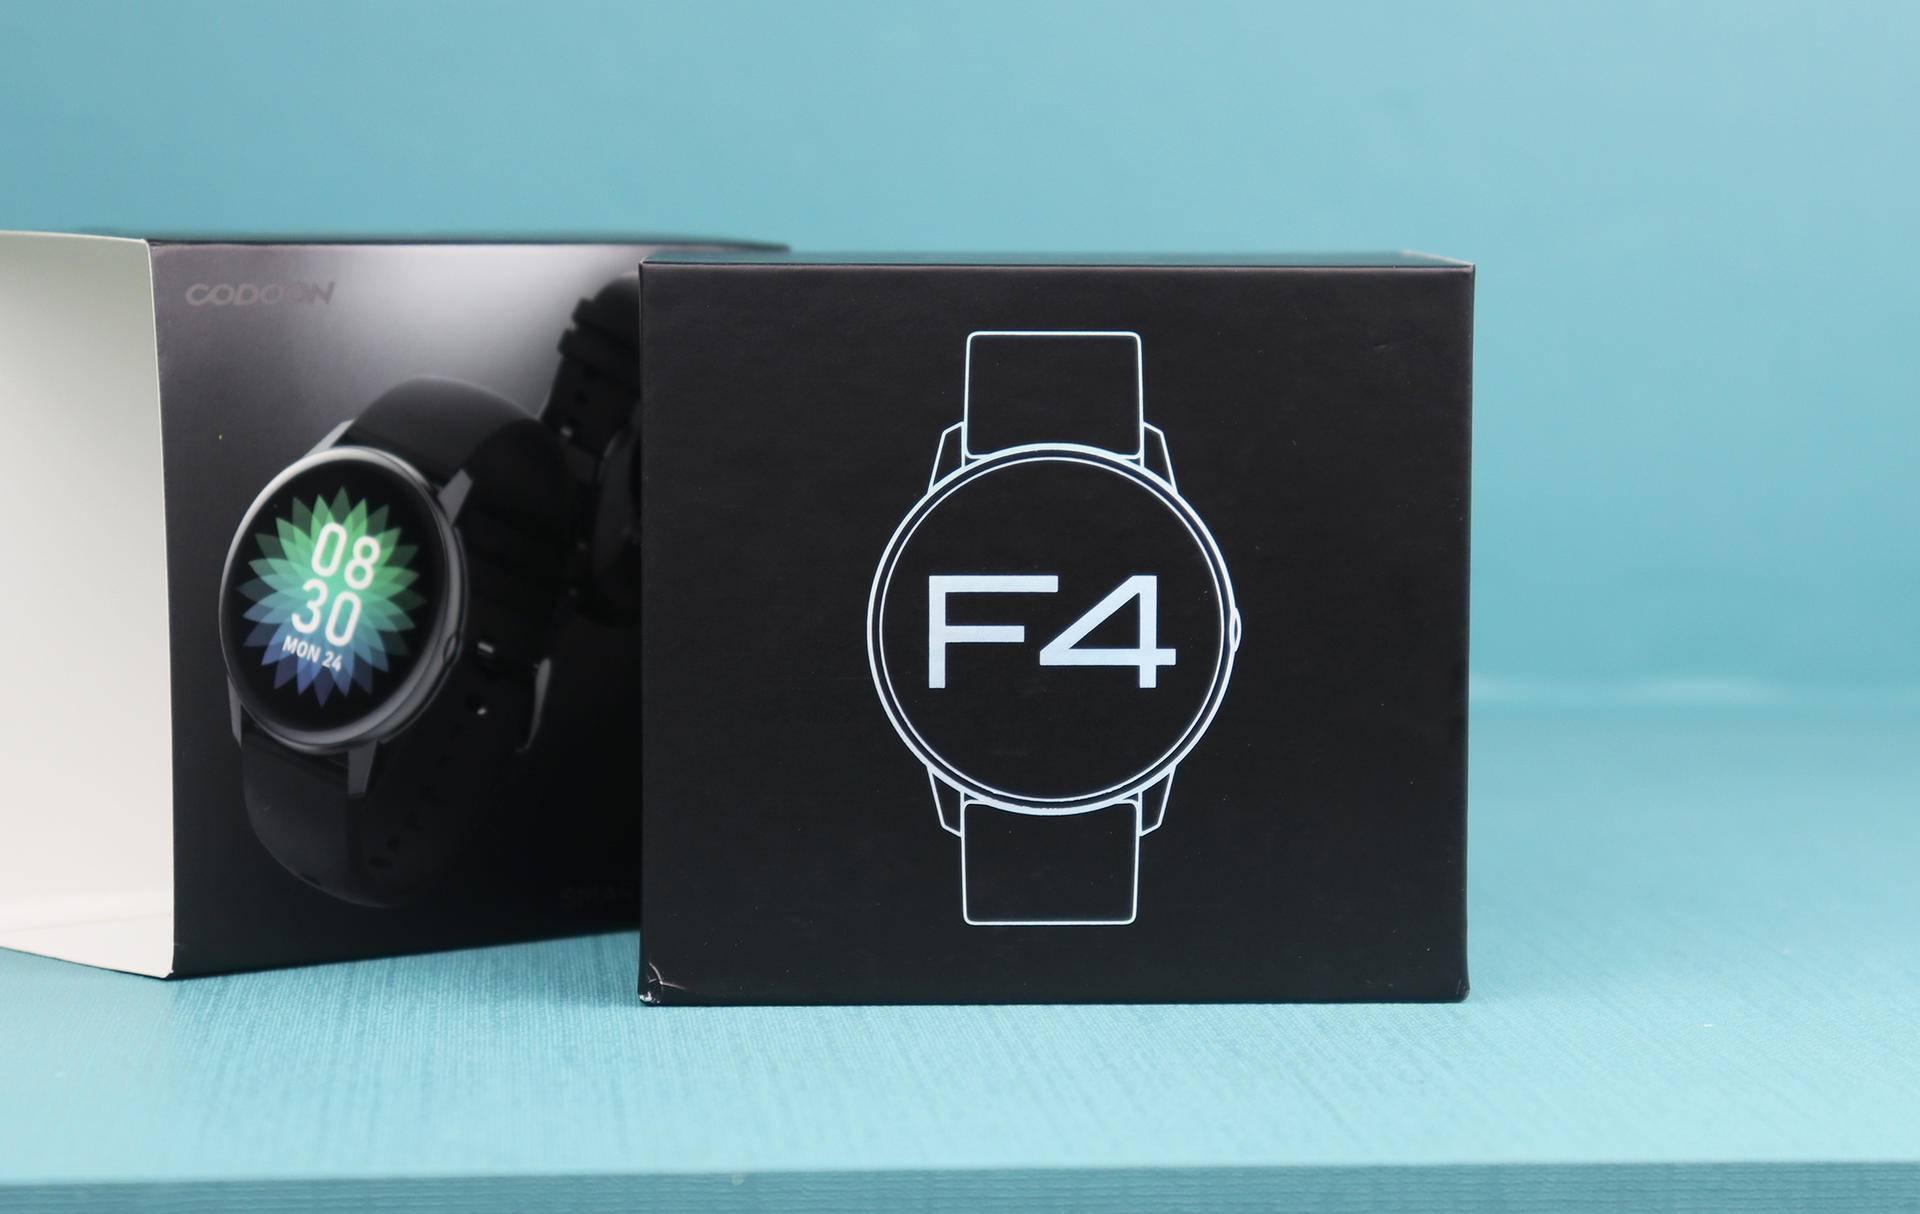 「体温每升高1度心率每分增加多少」24小时监测体温和心率,咕咚智能手表F4体验分享